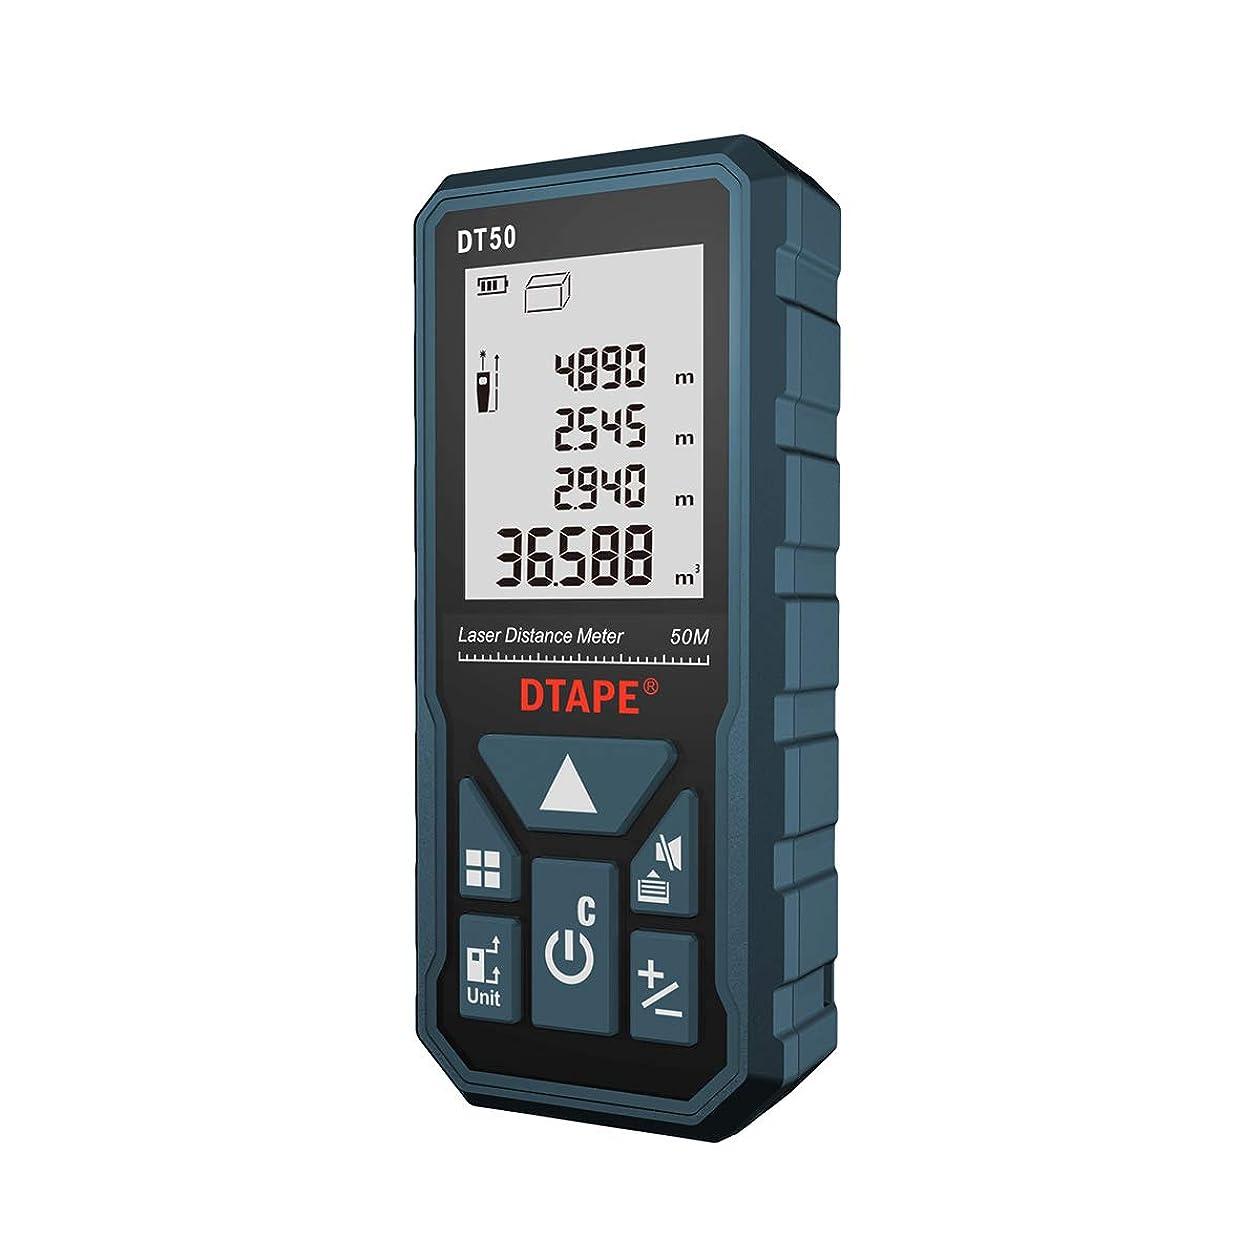 冷凍庫カーペットハチDTAPE レーザー距離計 最大測定距離50M 距離/面積/体積/ピタゴラス間接測定/連続測定 自動計算 軽量距離計 IP54防水規格 日本語のお取り扱い説明書 DT50